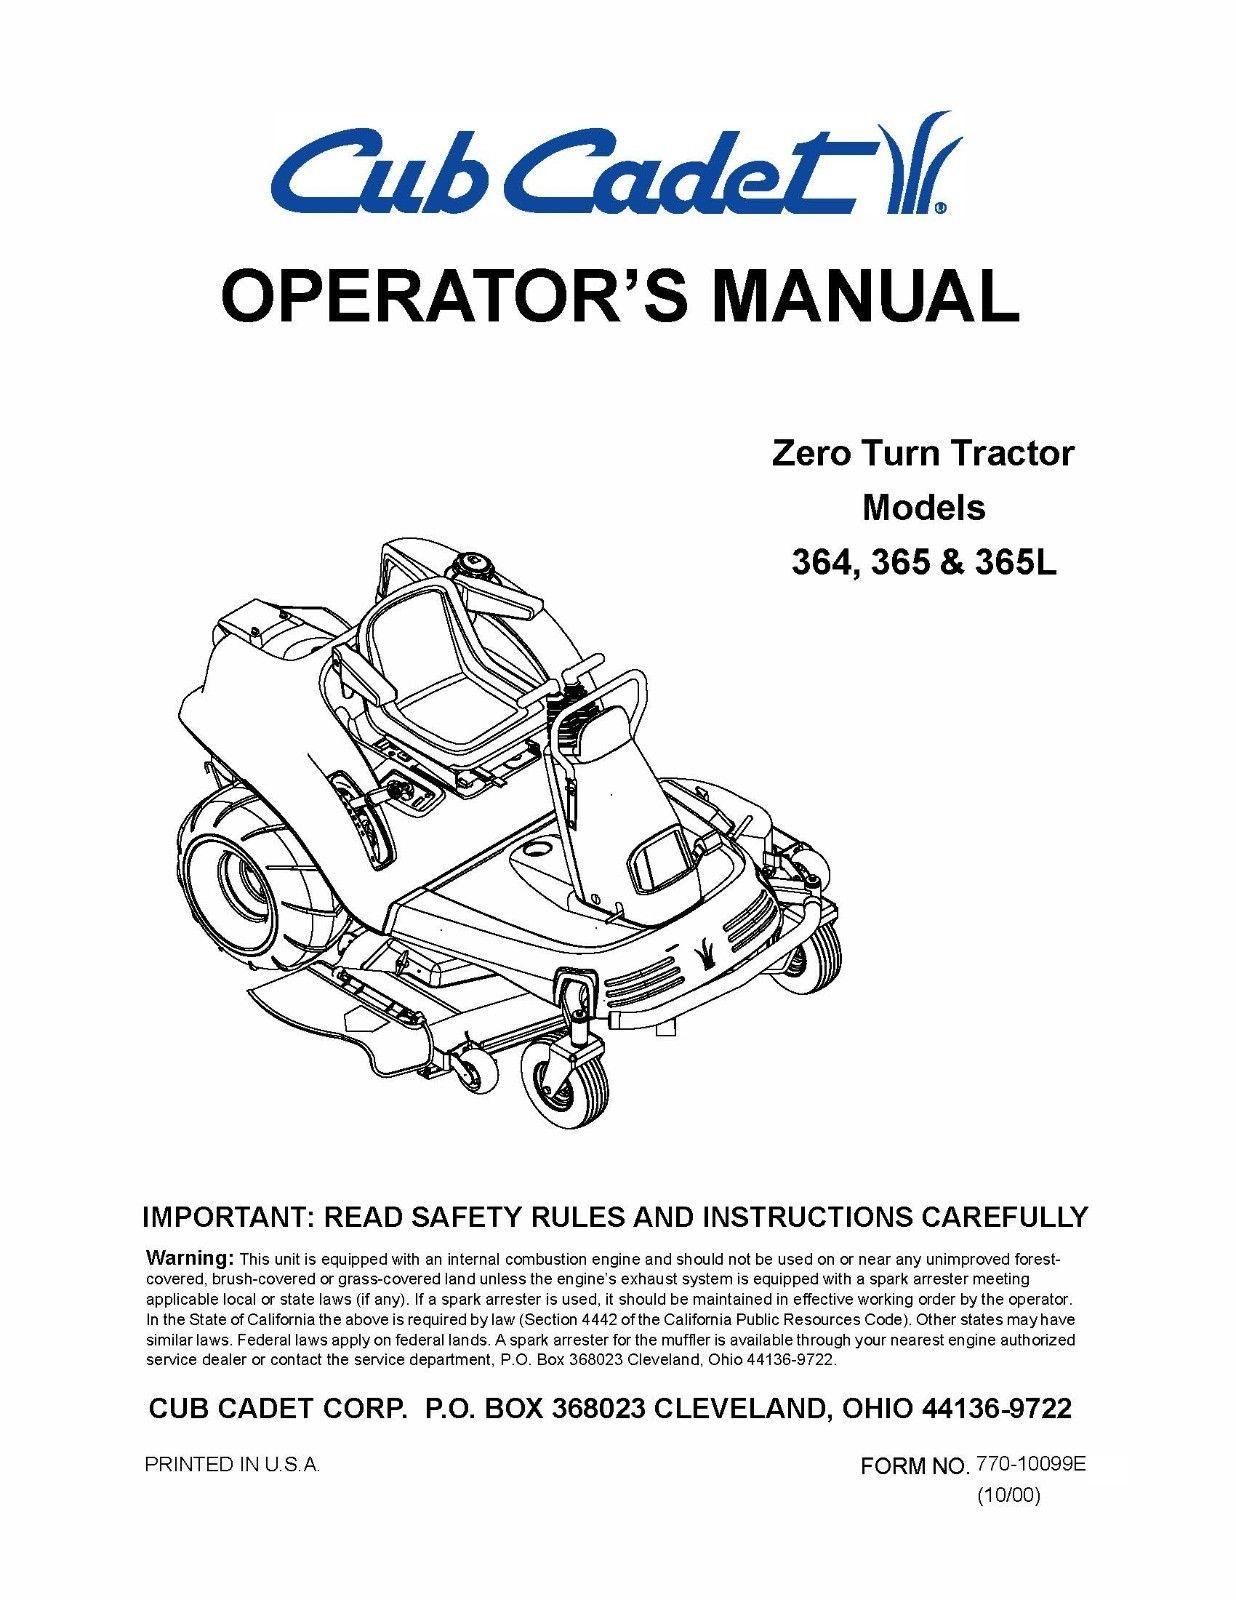 Cub Cadet Zero Turn Tractor Operator's Manual Model No. 364-365-365L